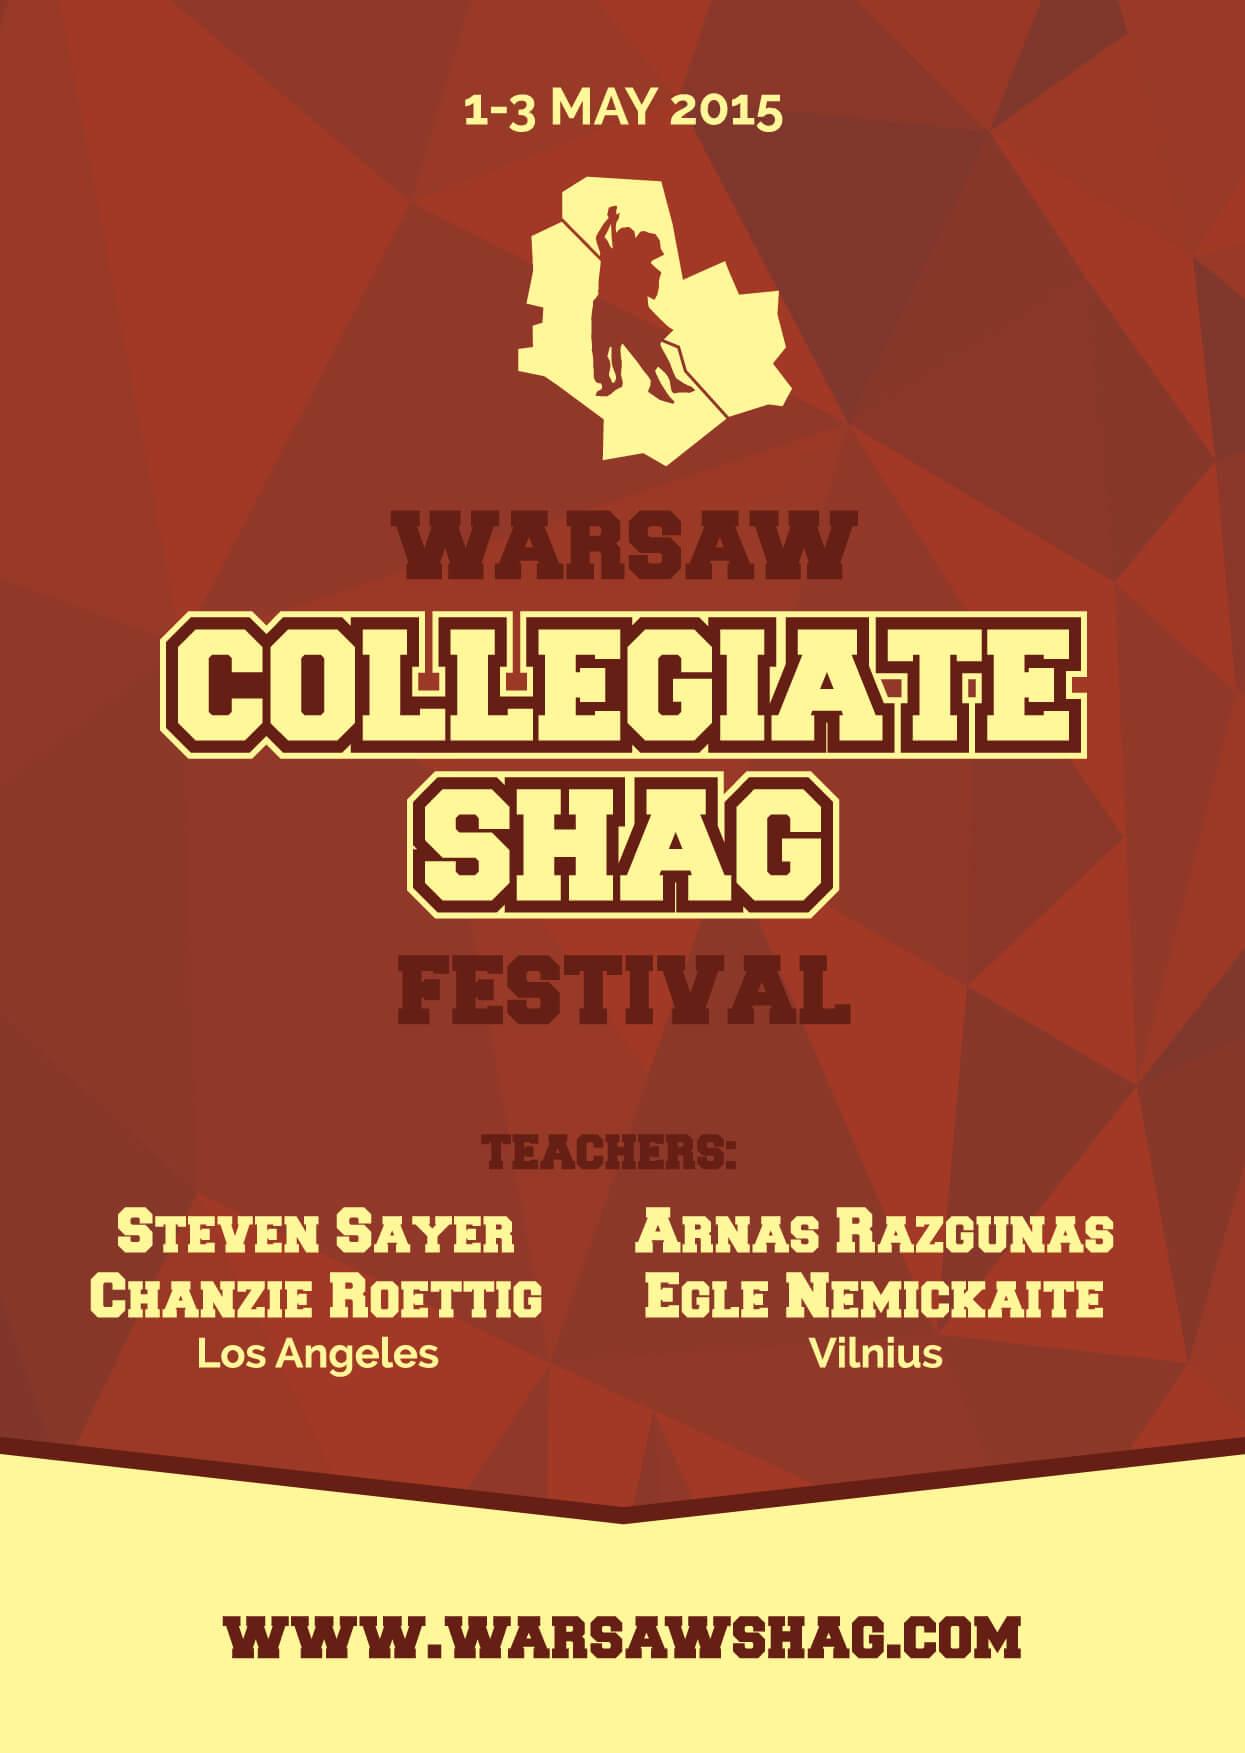 Festiwal tańca Coielegiate Shag w Warszawa